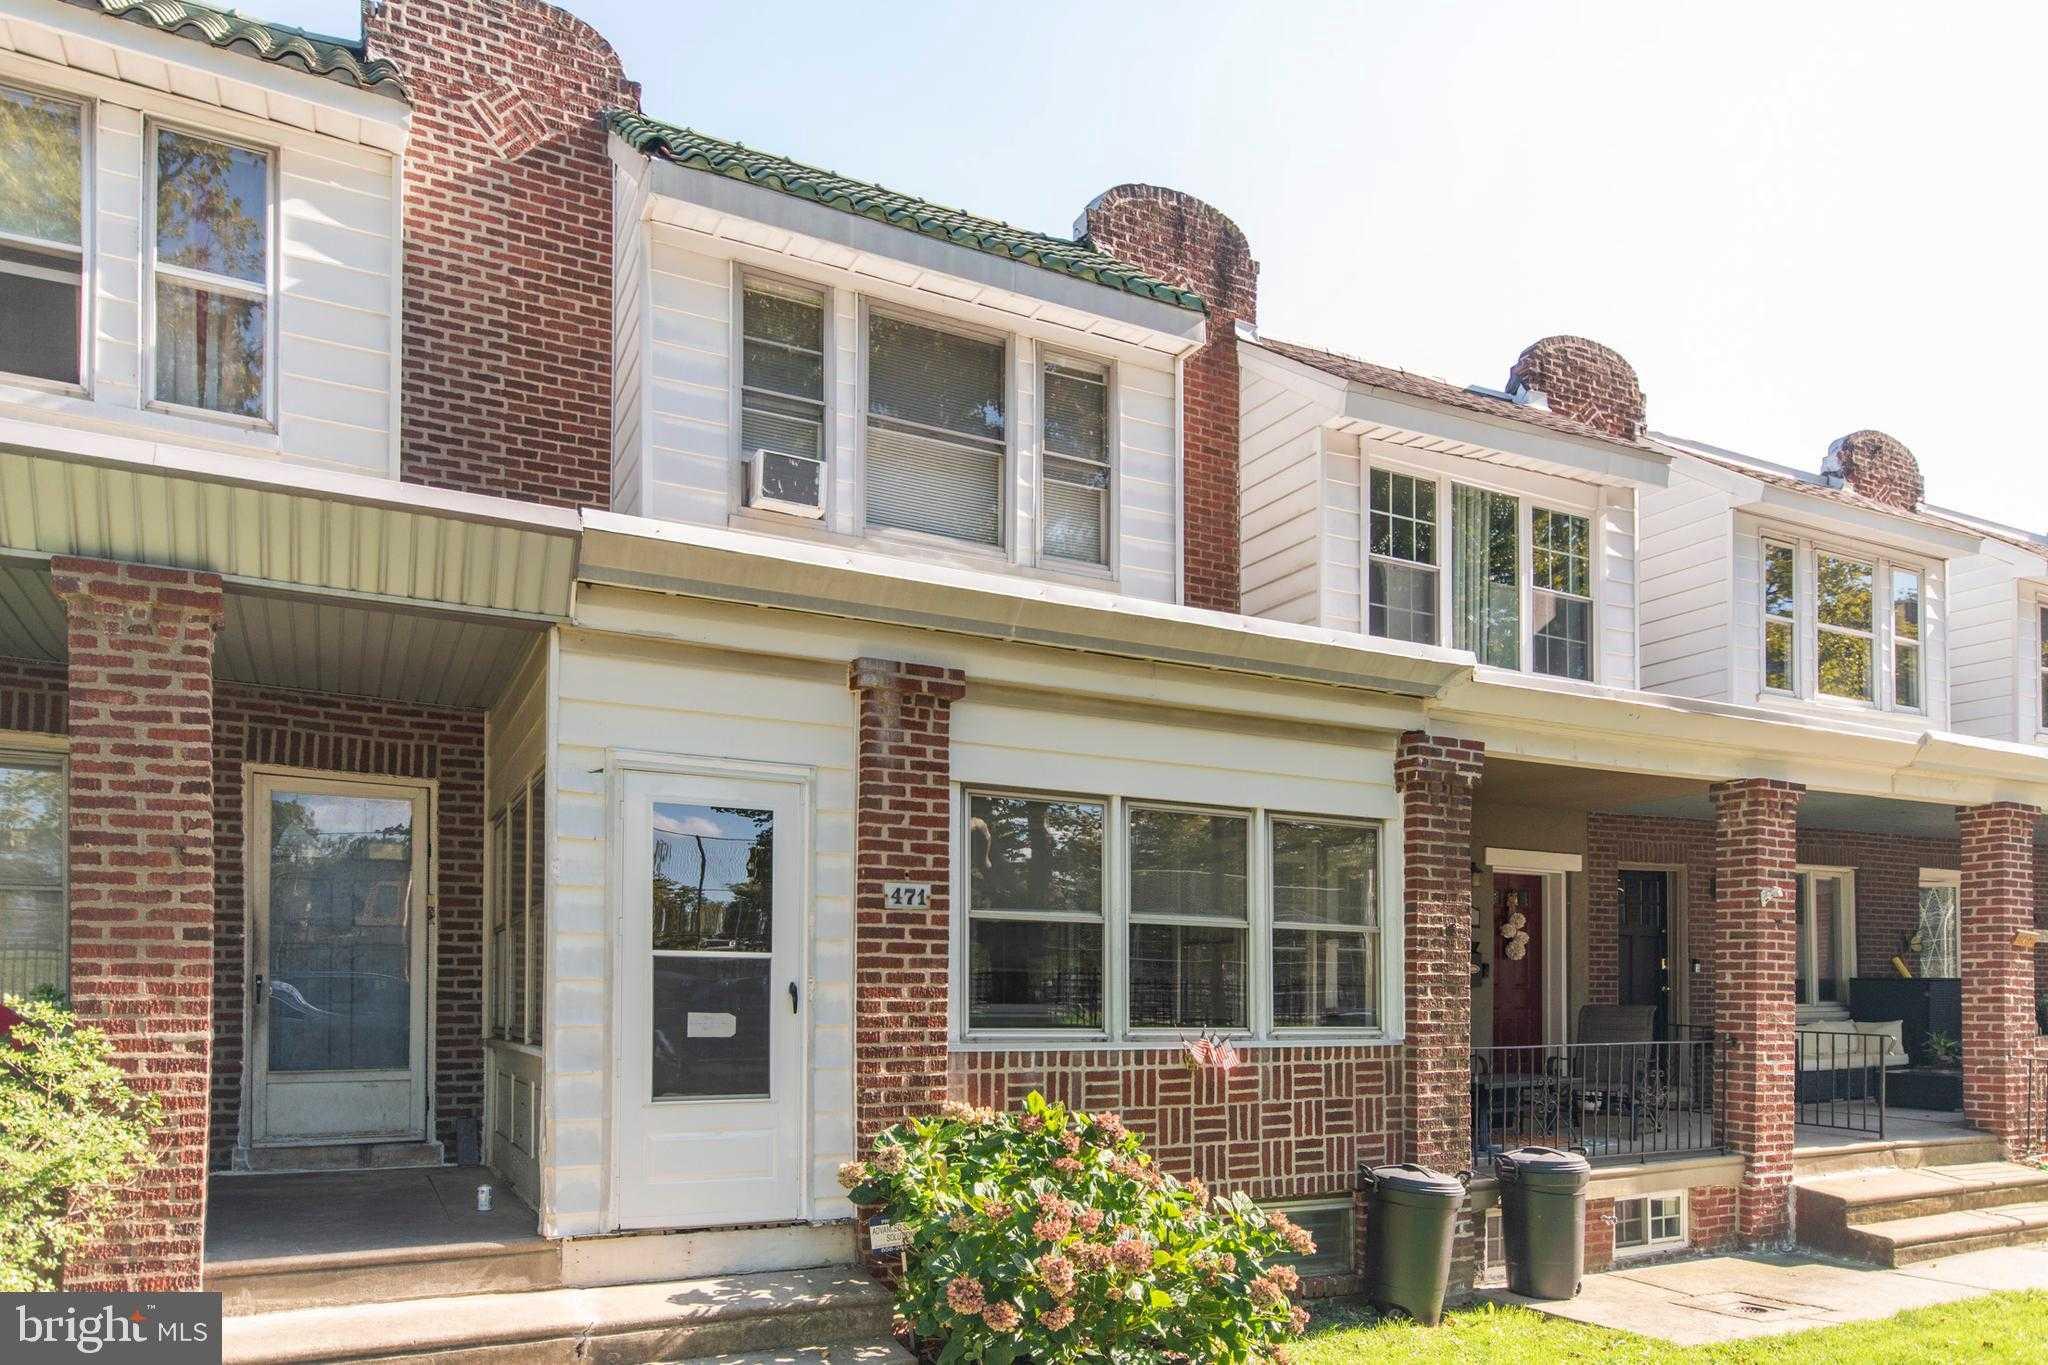 $259,900 - 3Br/1Ba -  for Sale in Roxborough, Philadelphia